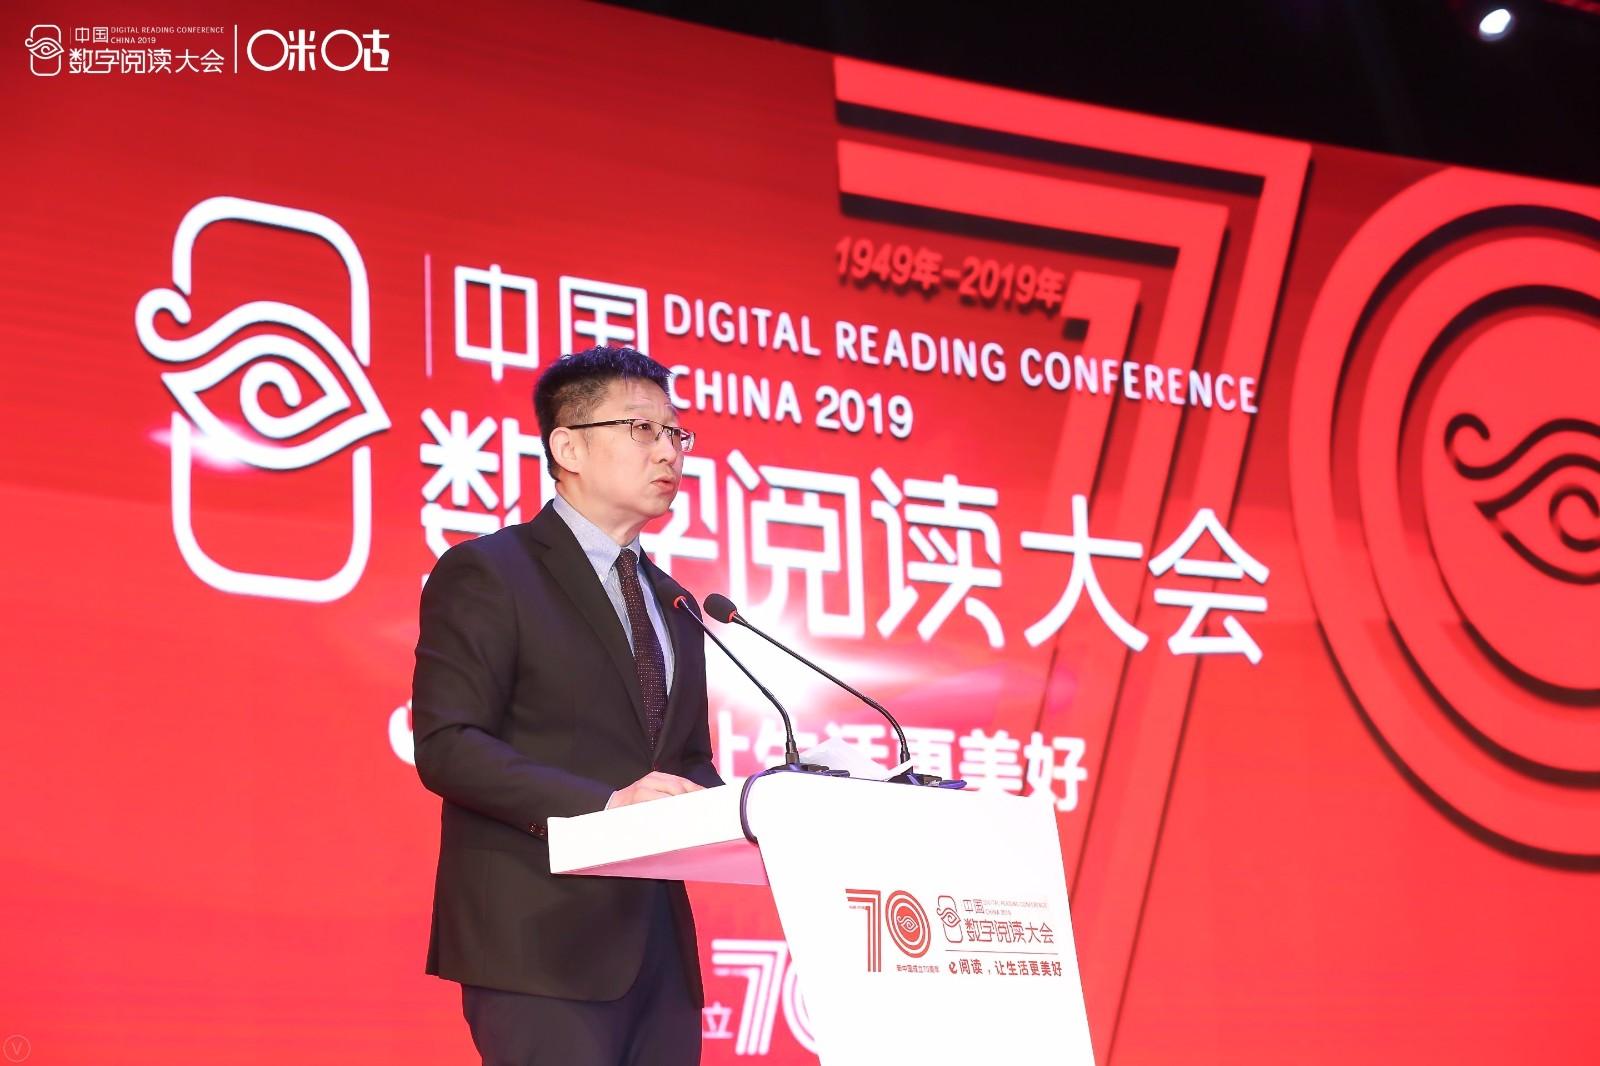 咪咕总经理刘昕:5G的发展将给数字内容产业带来前所未有的机遇